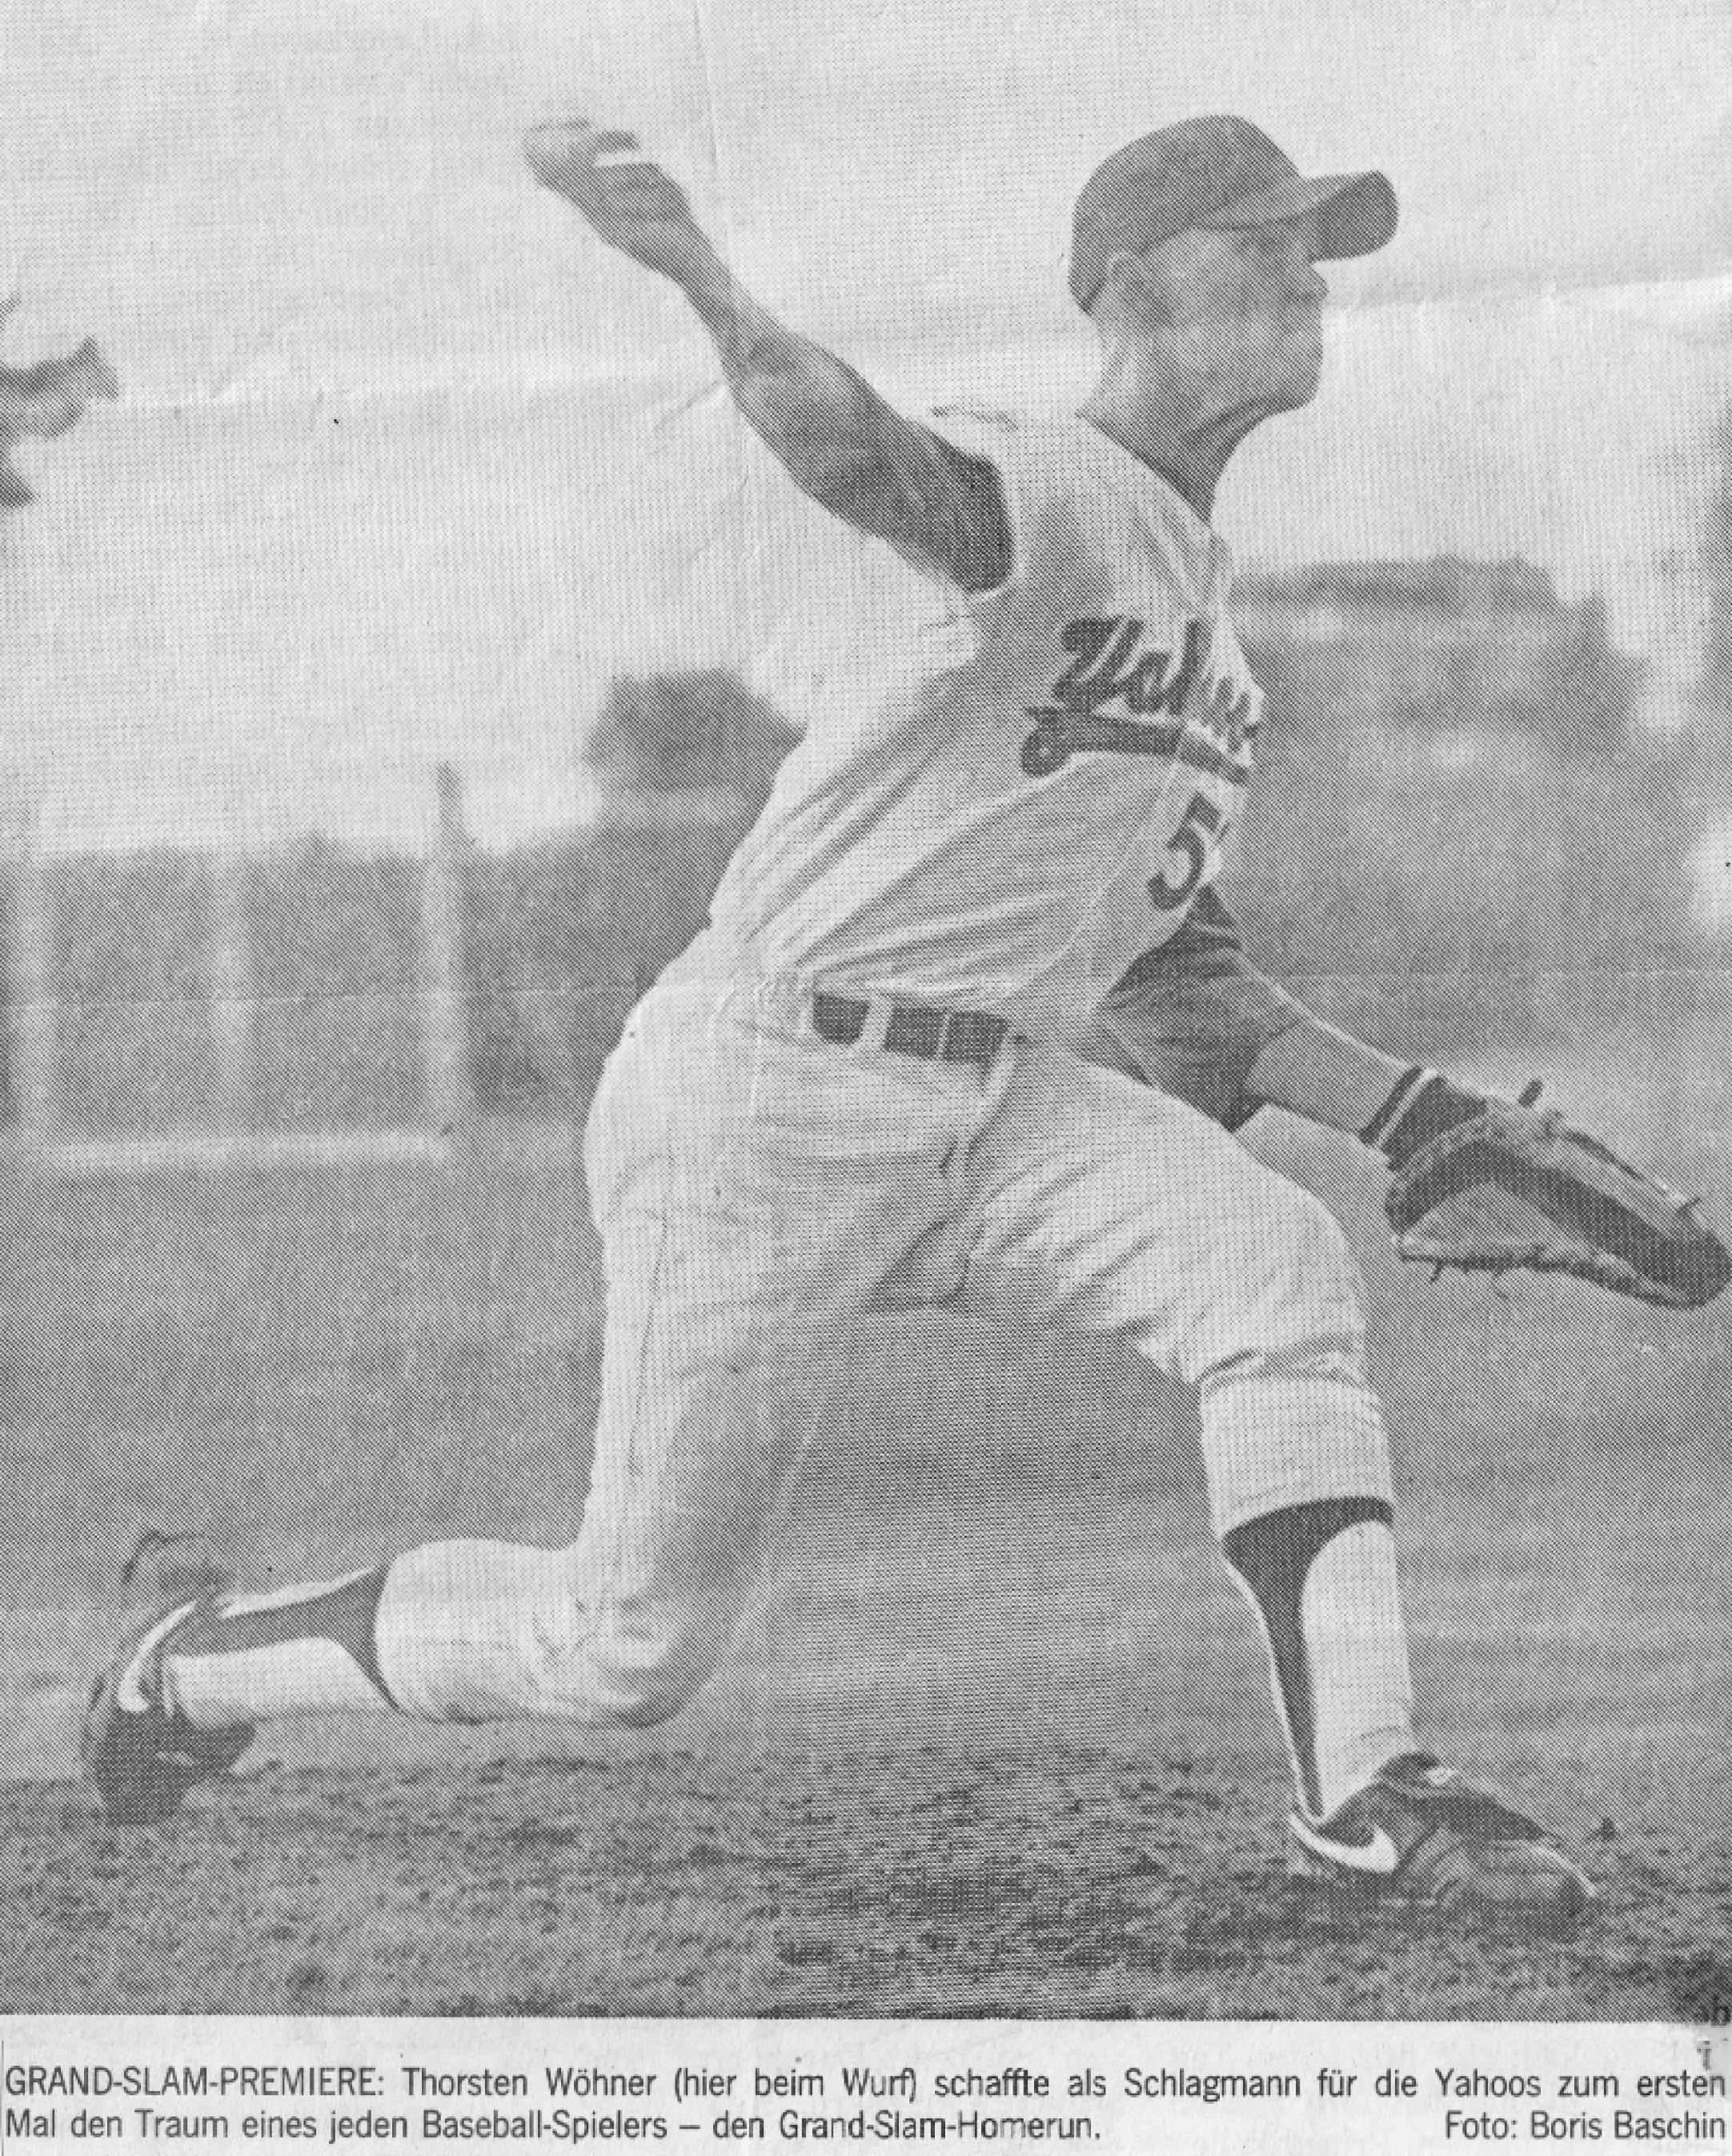 GRAND-SLAM-PREMIERE: Thorsten Wöhner (hier beim Wurf) schaffte als Schlagmann für die Yahoos zum ersten Mal den Traum eines jeden Baseball-Spielers - den Grand-Slam-Homerun. Foto: Boris Baschin